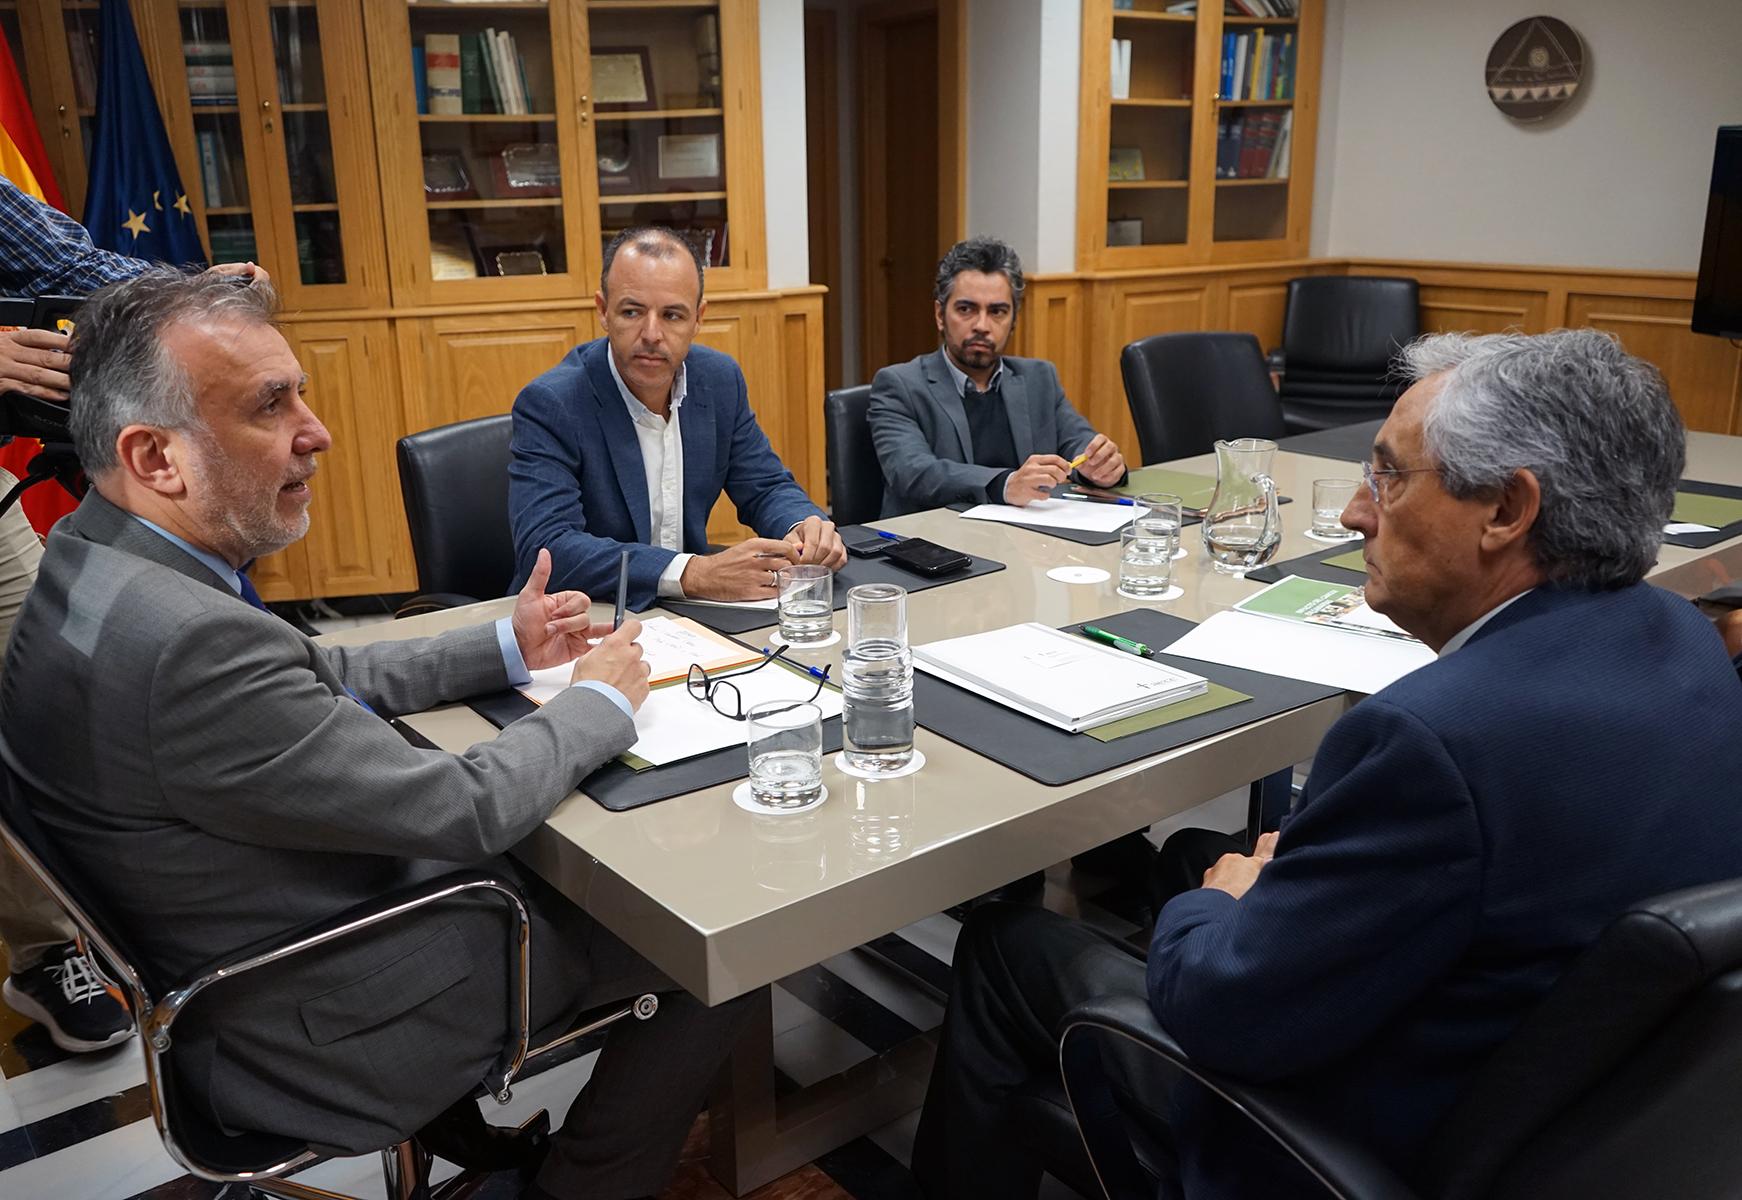 El presidente de Canarias recibe al presidente de la Asociación contra el Cáncer de Las Palmas